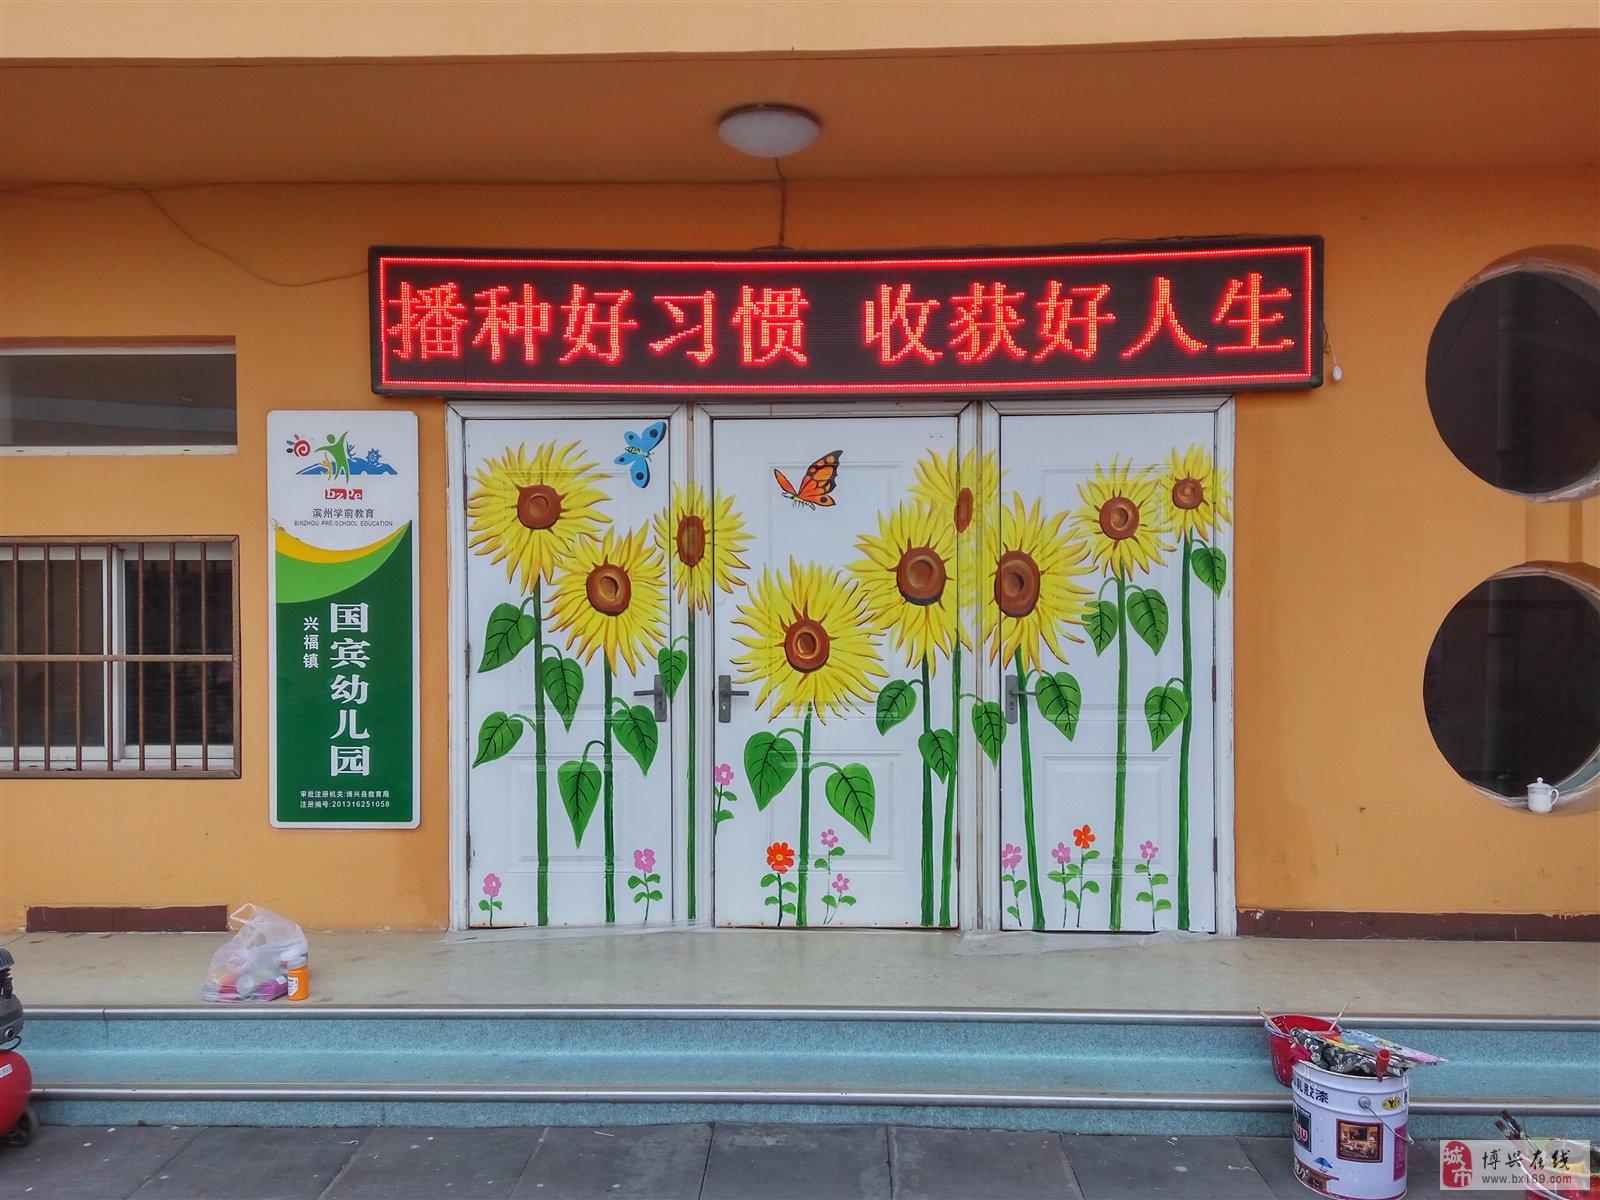 博兴墙绘手绘影视墙玄关幼儿园宣传墙